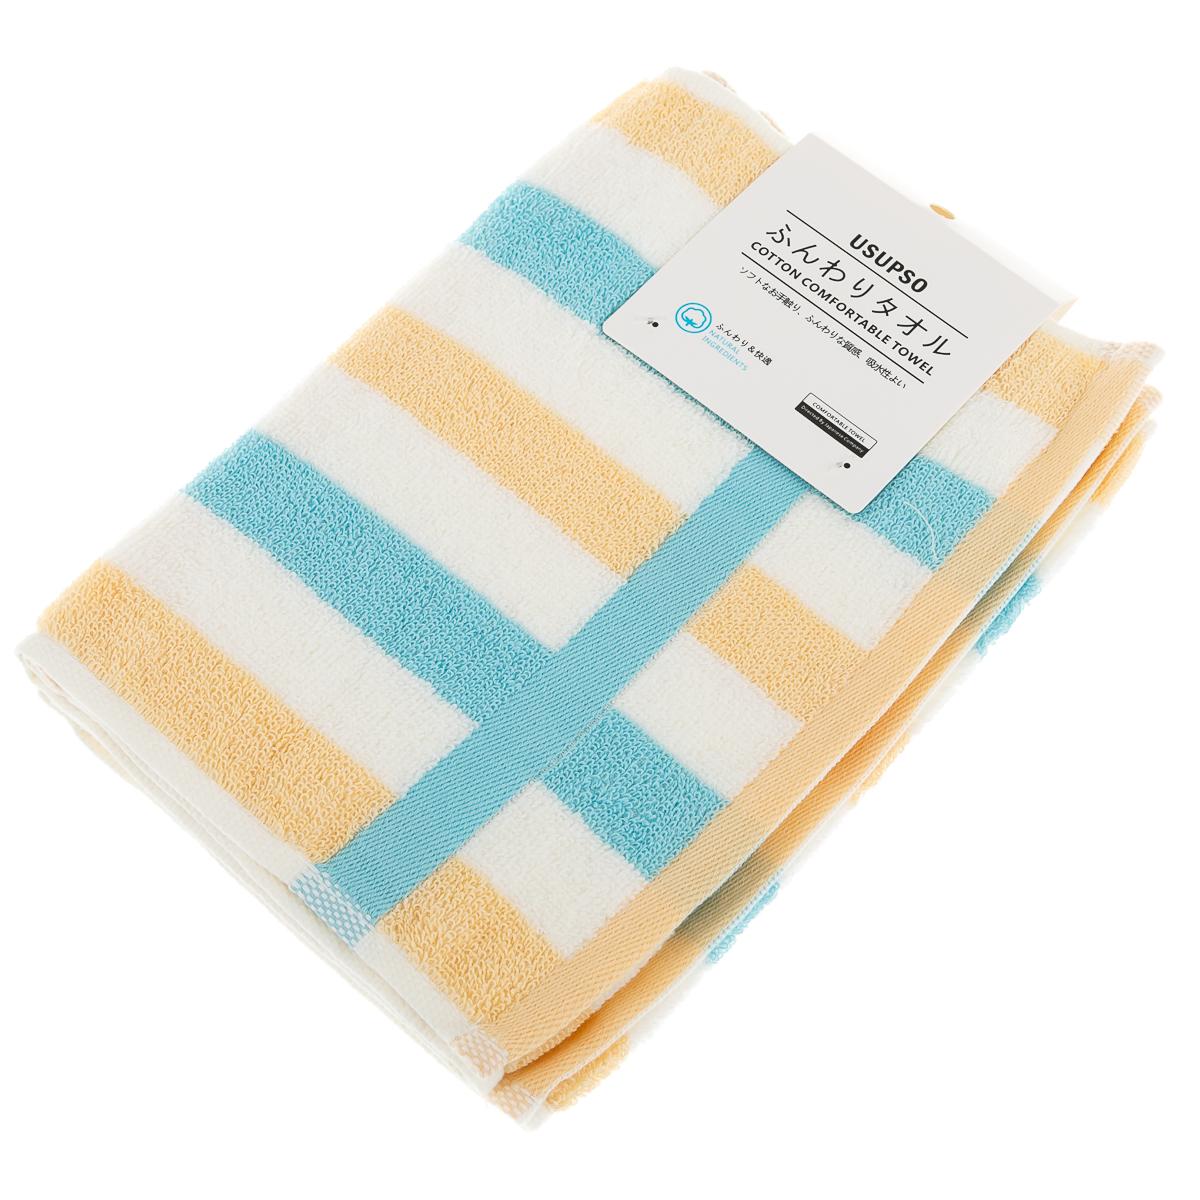 Полотенце в полоску для детей, цвет разноцвет. р-р 25*50 см